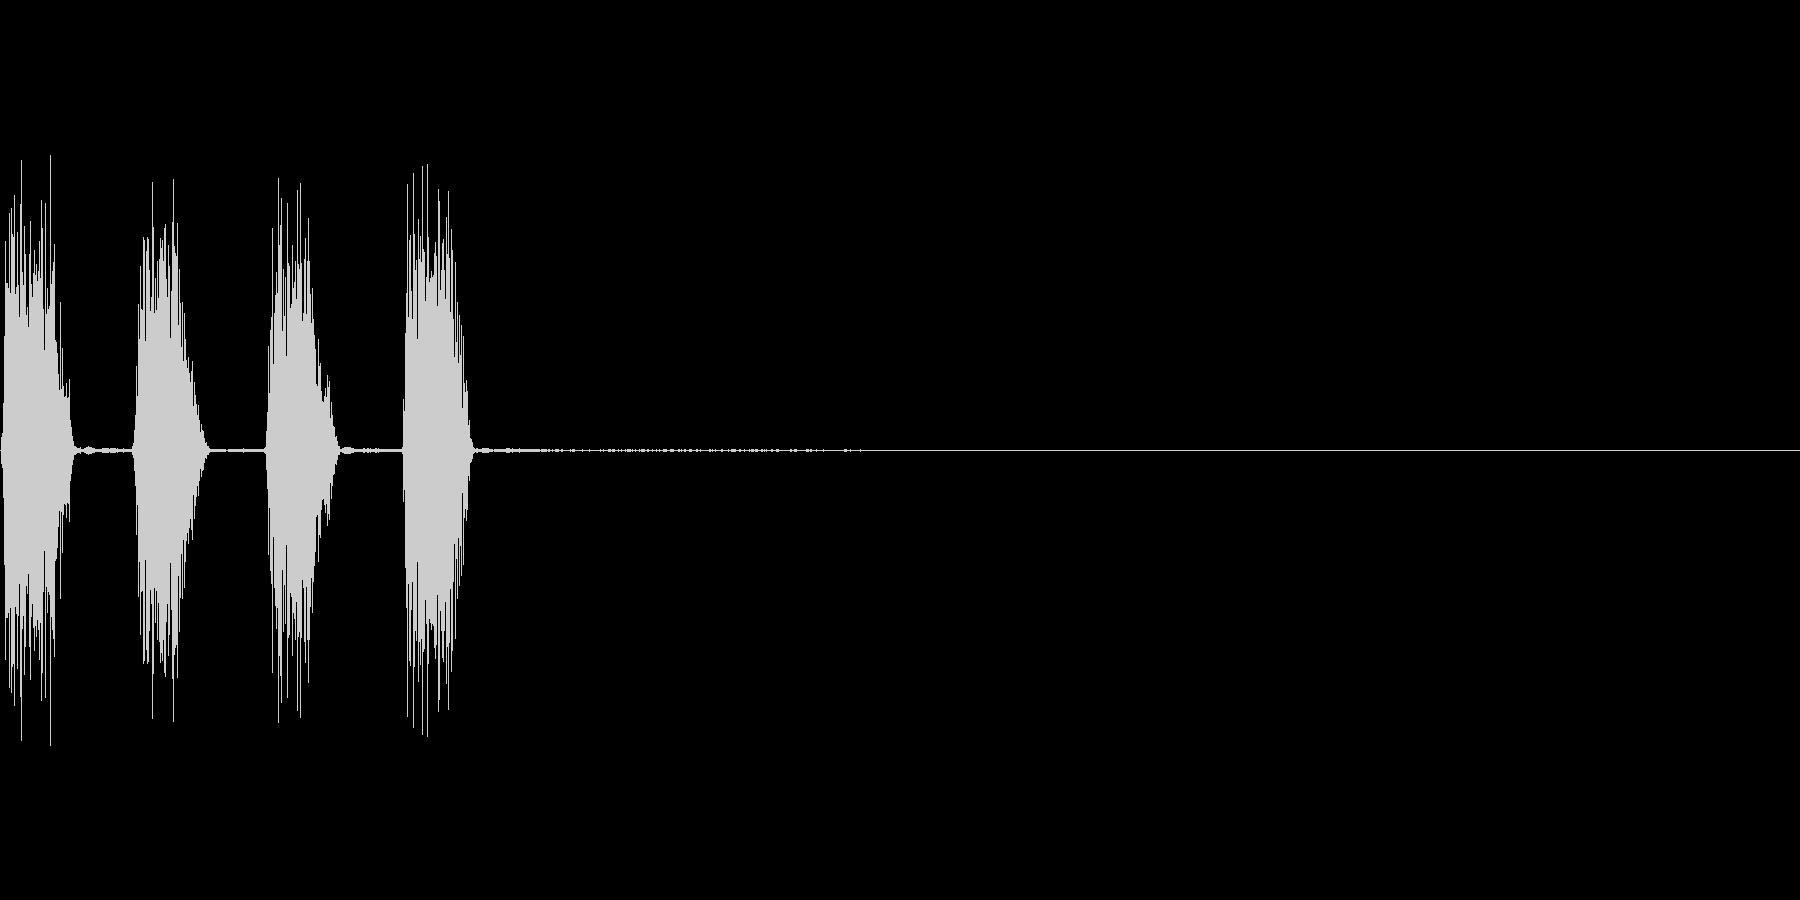 コックピットなどの細かい電子音_07の未再生の波形